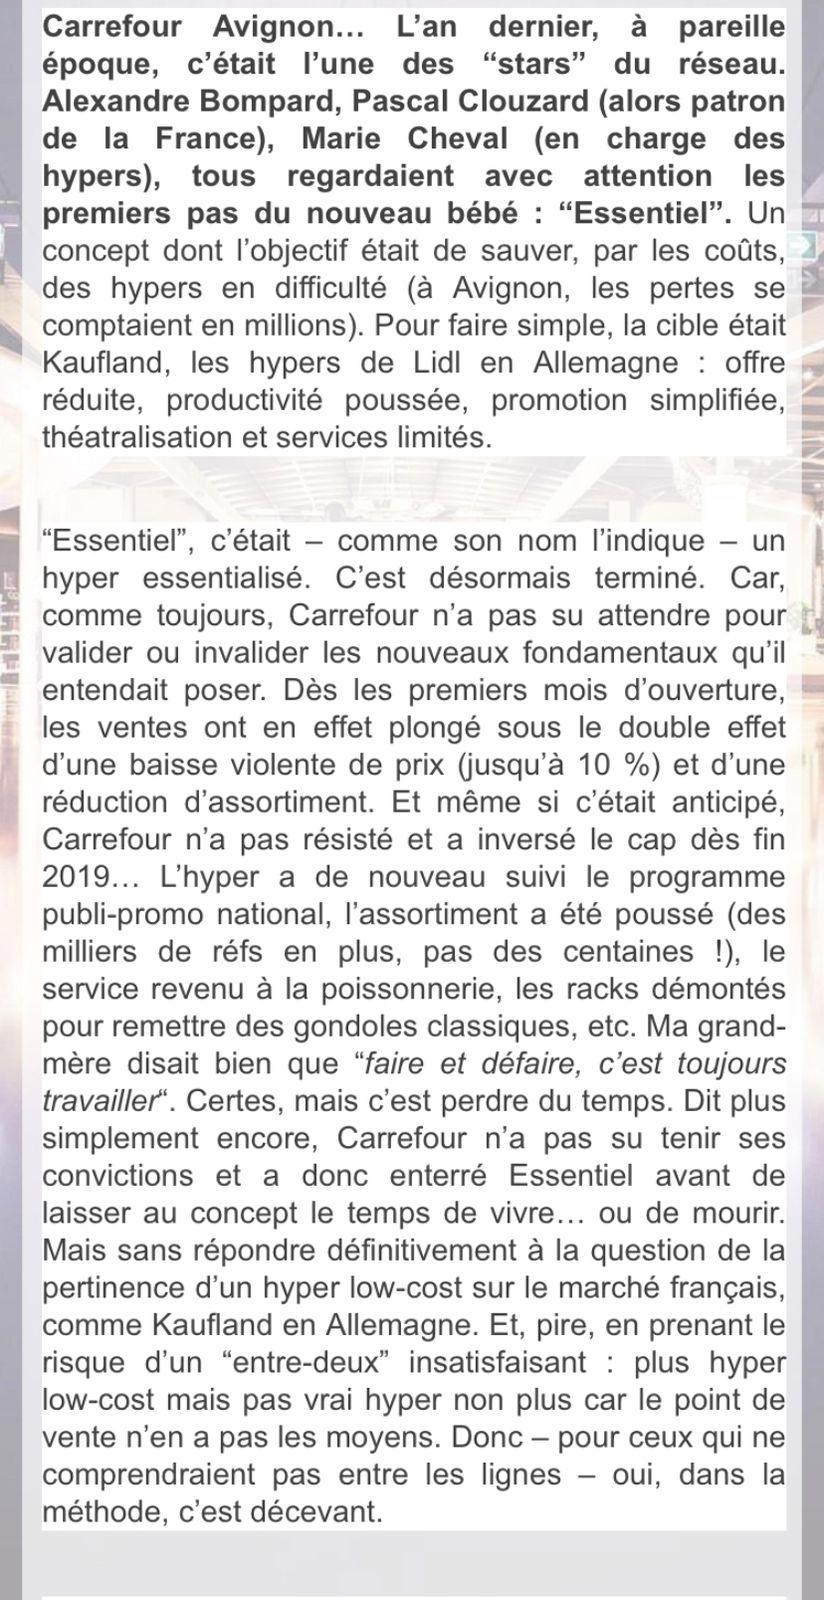 Avignon: Carrefour Essentiel n'est déjà plus (et c'est dommage)